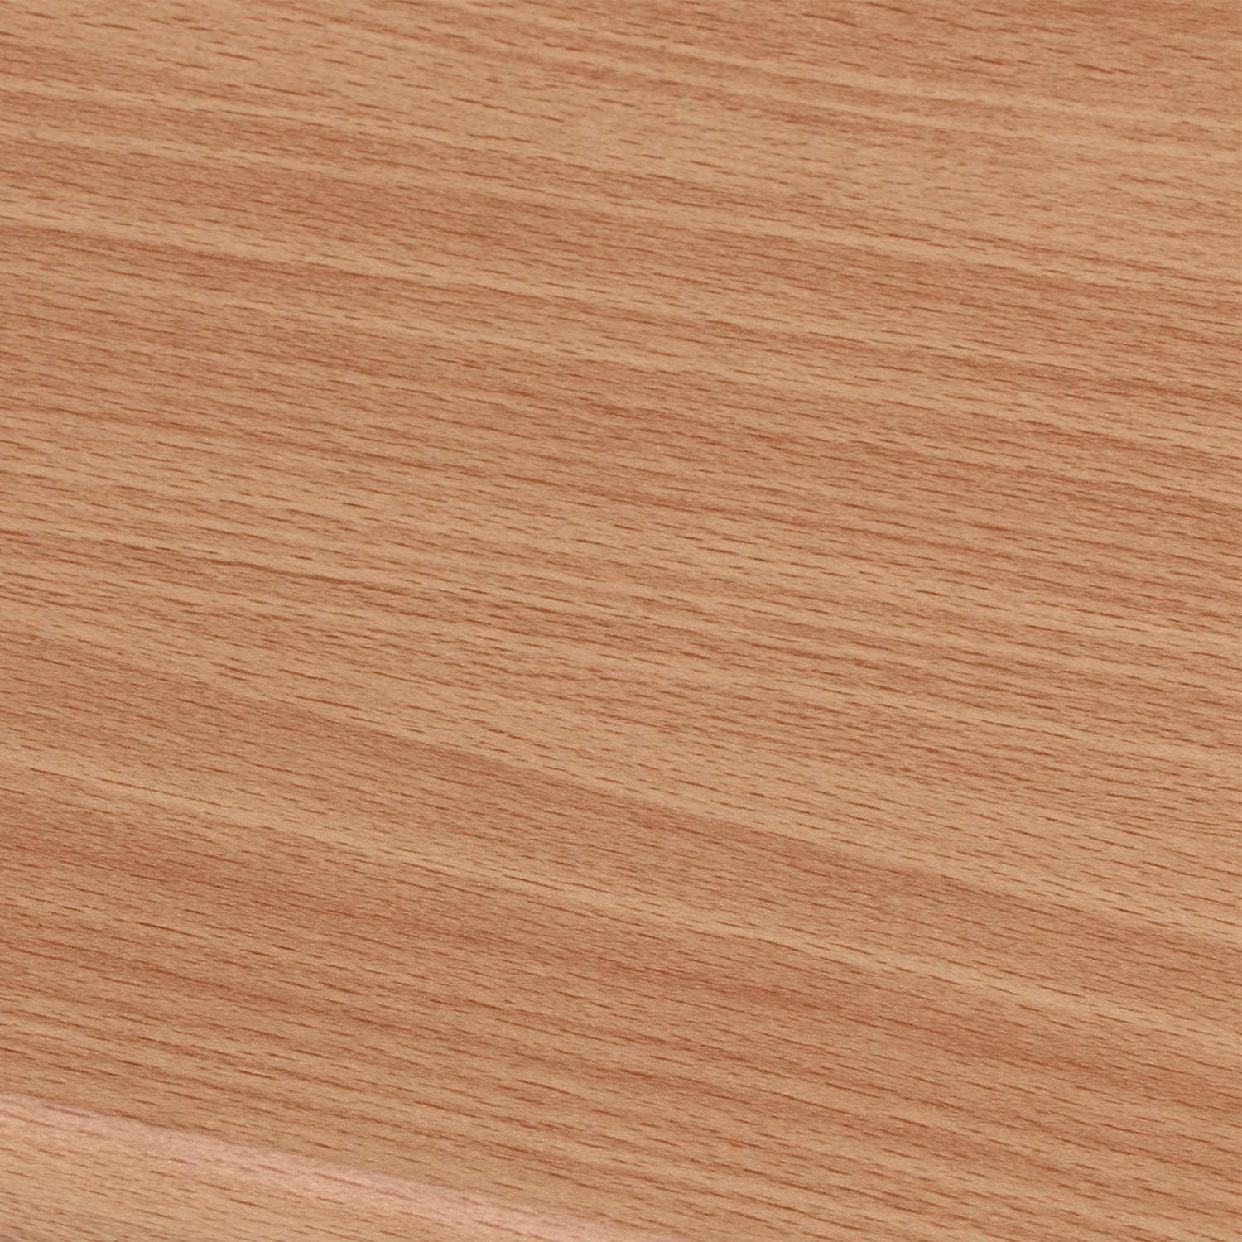 Sage(サージュ)キッチンカウンター 96820 幅120cmの商品画像18